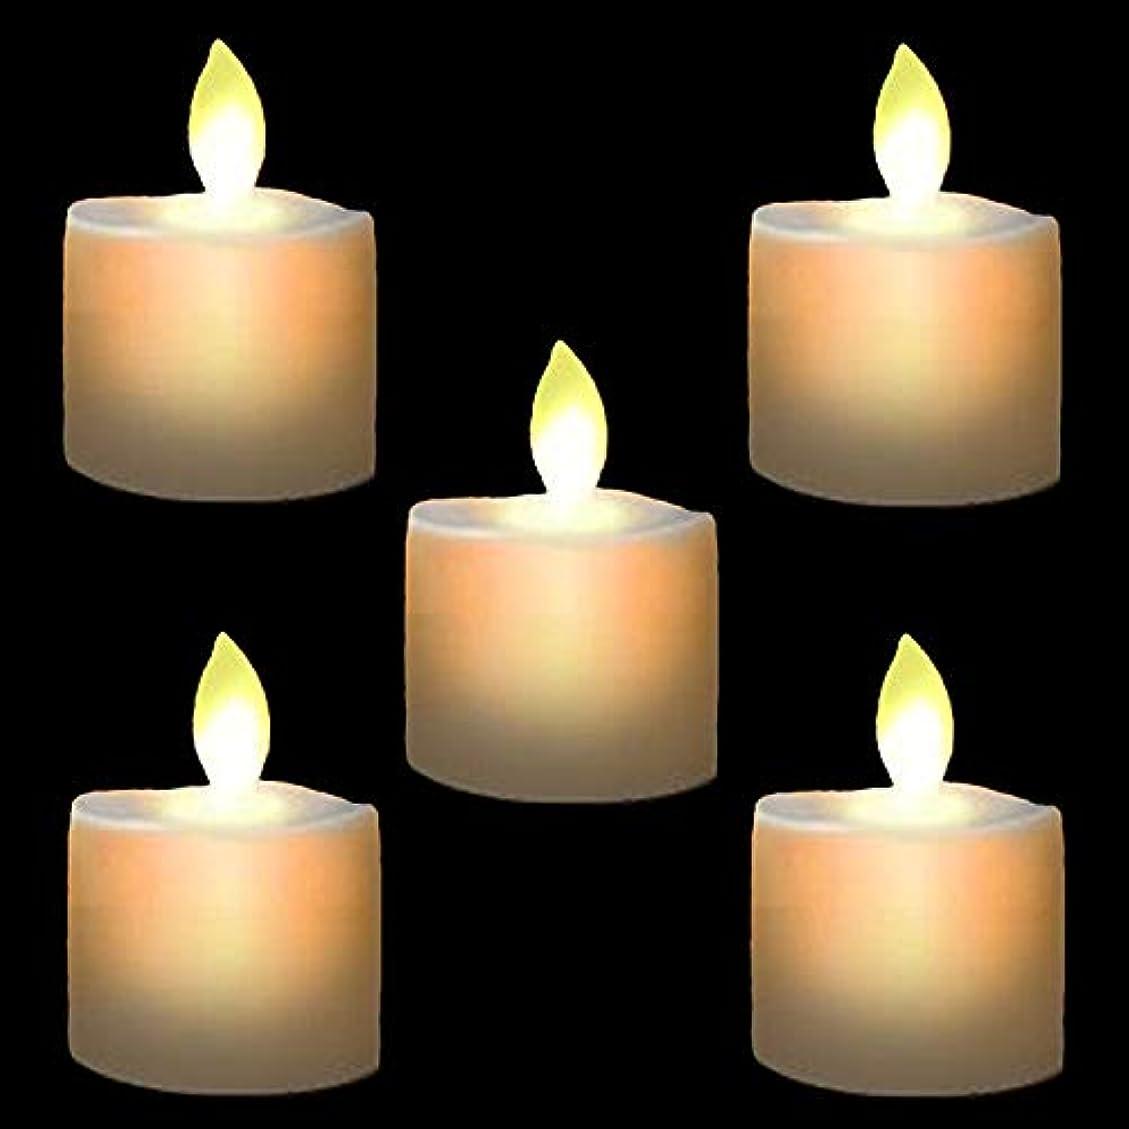 未満光の量LEDテーパキャンドル、電池式withタイマーワックスDripped AmberちらつきFlameless Candle向かっバルクの感謝祭& christmas-setの12